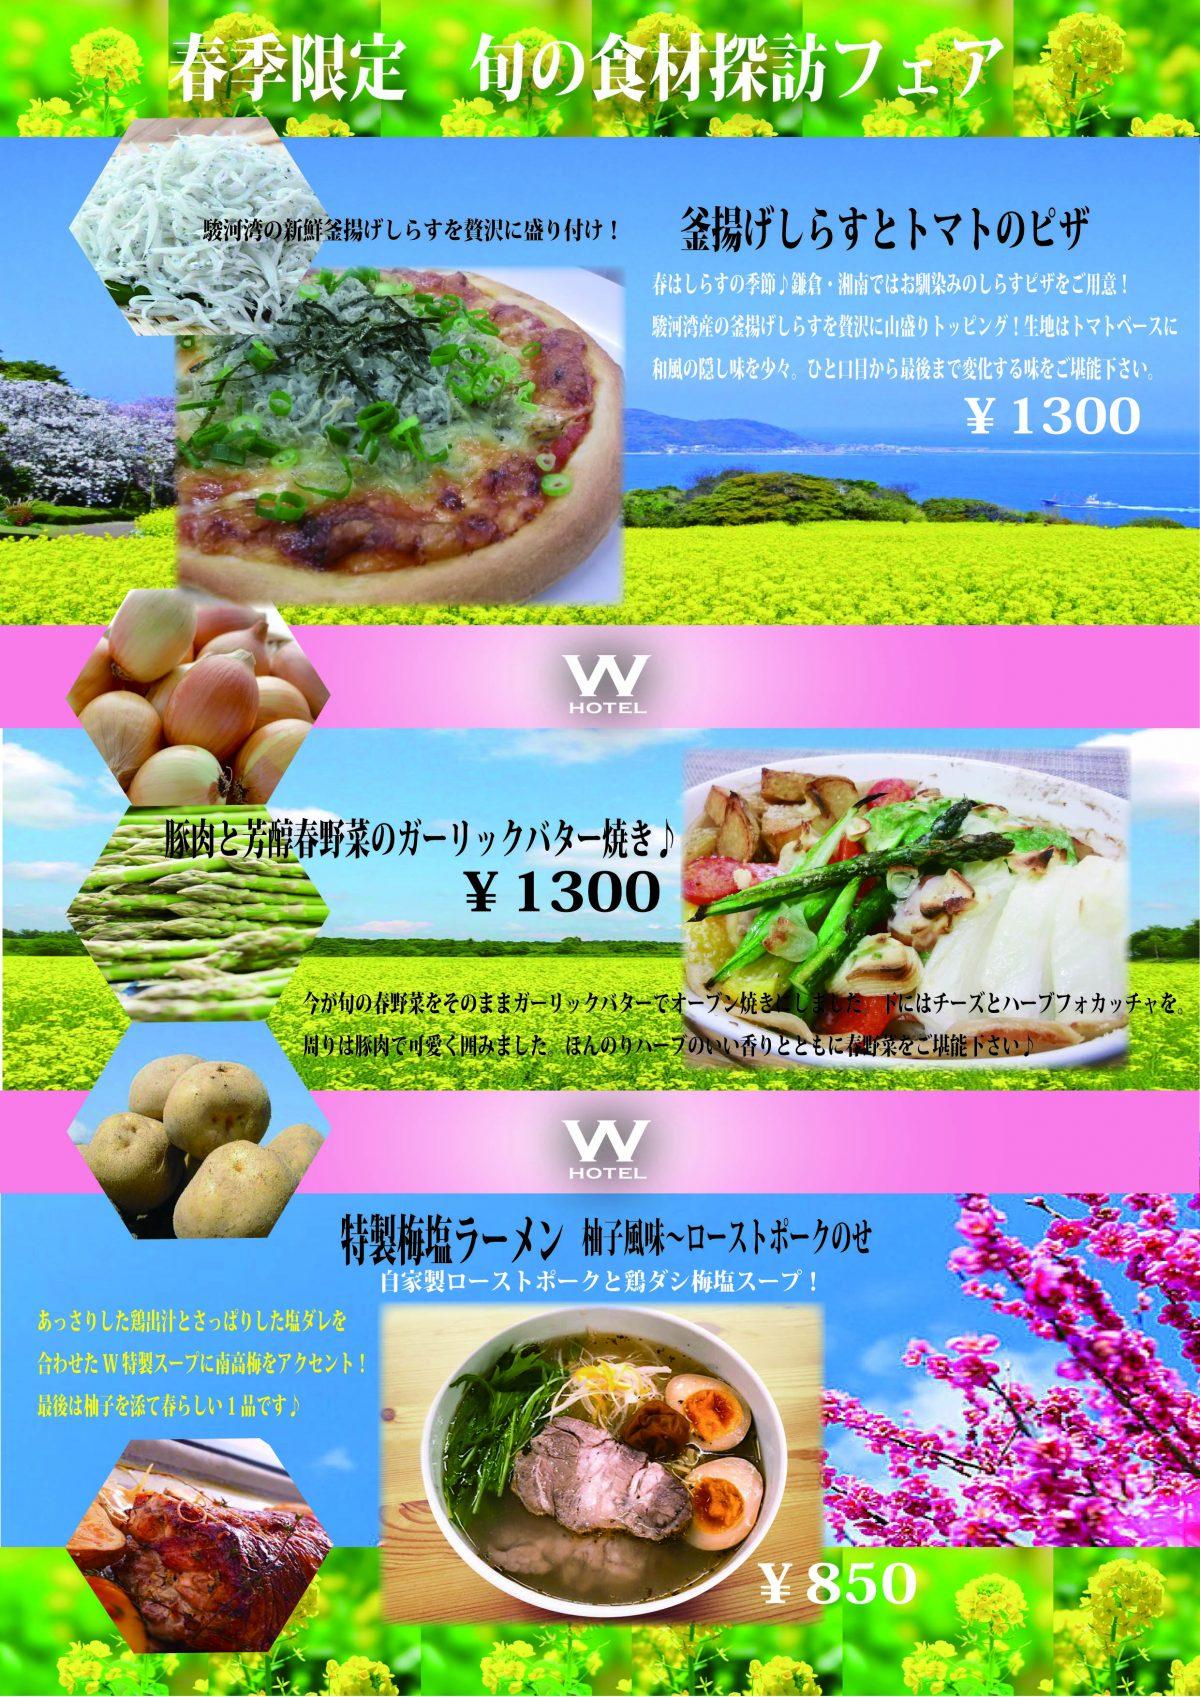 koshigaya春のワップル祭り